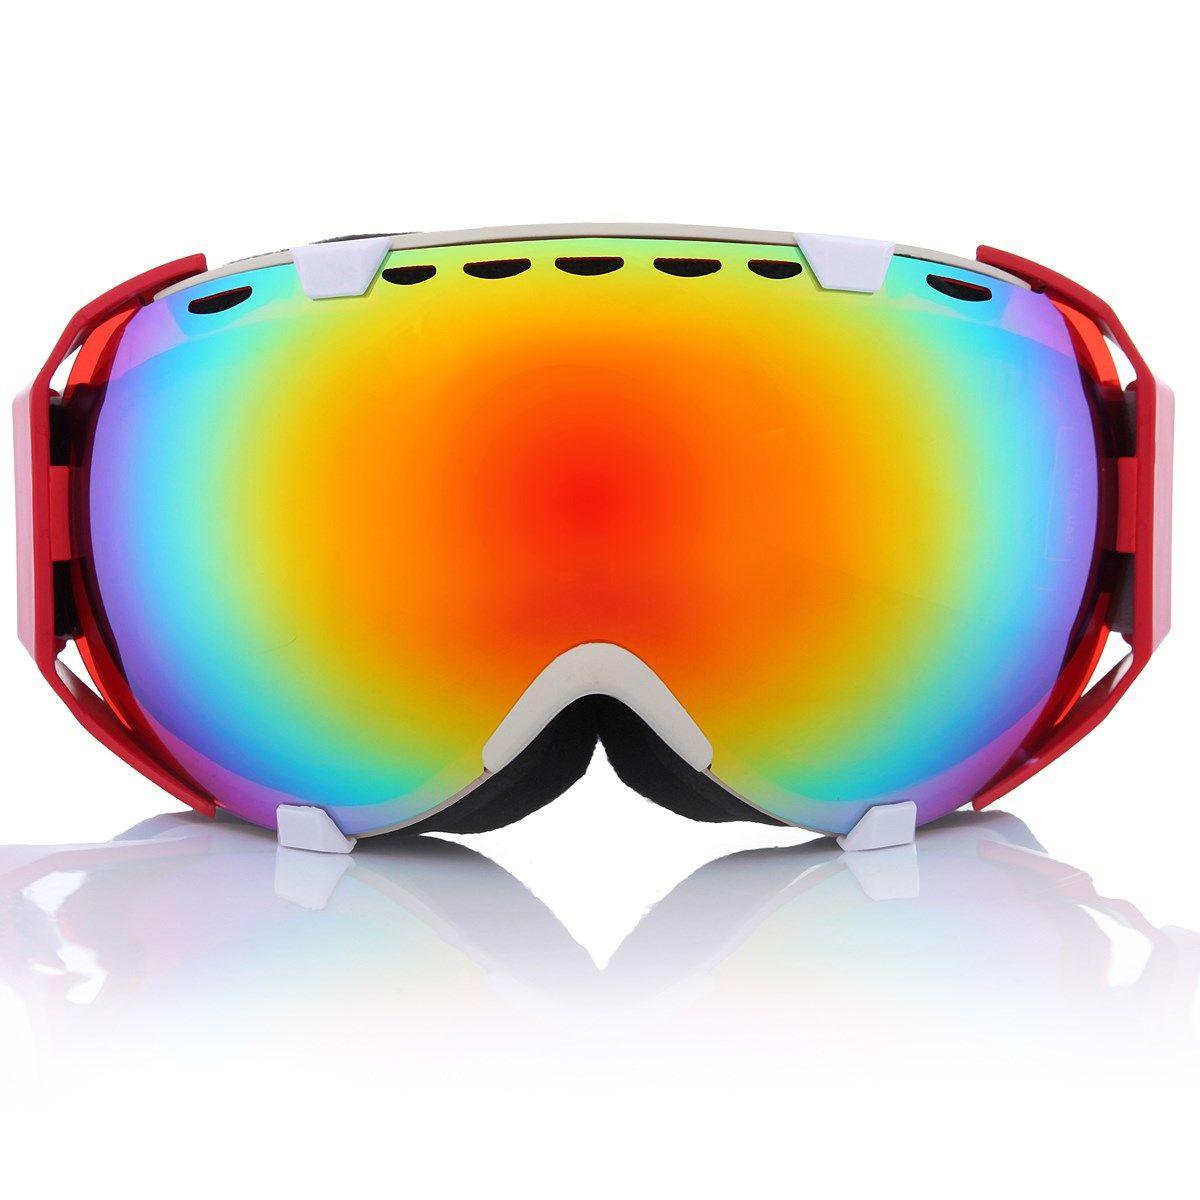 11 Цвета Профессиональный унисекс для взрослых Сноуборд горнолыжные очки Анти-туман УФ Двойной объектив Стекло Очки для лыжного спорта